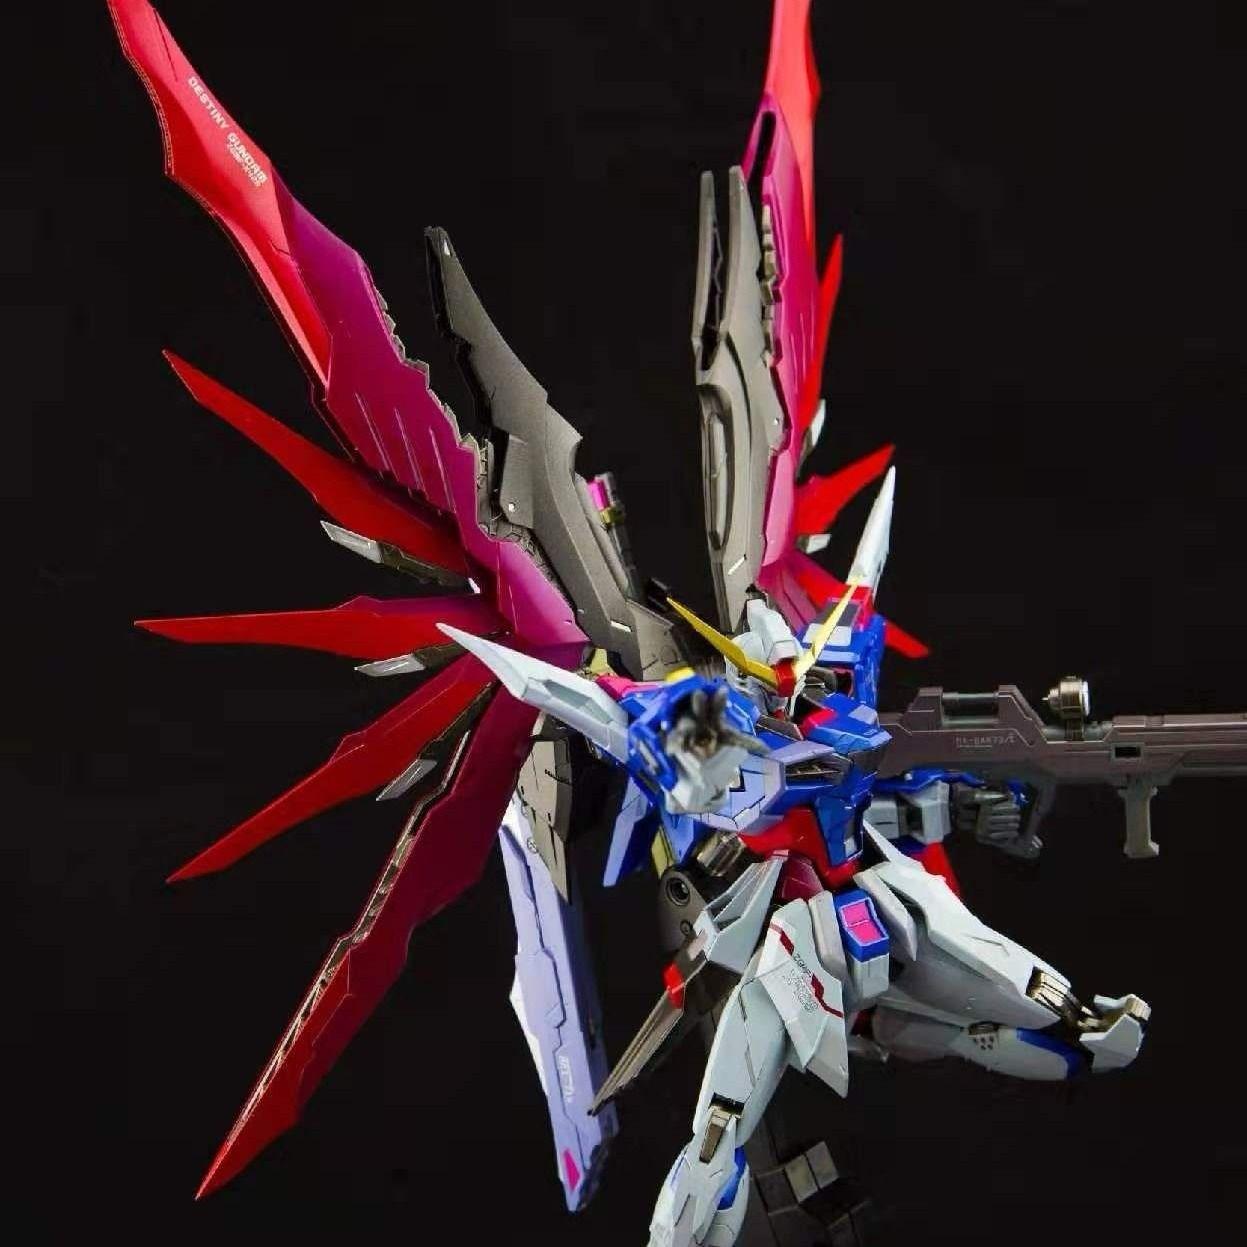 高达高高高达t主天使1命运模型七天使144拼装强袭剑能自由/